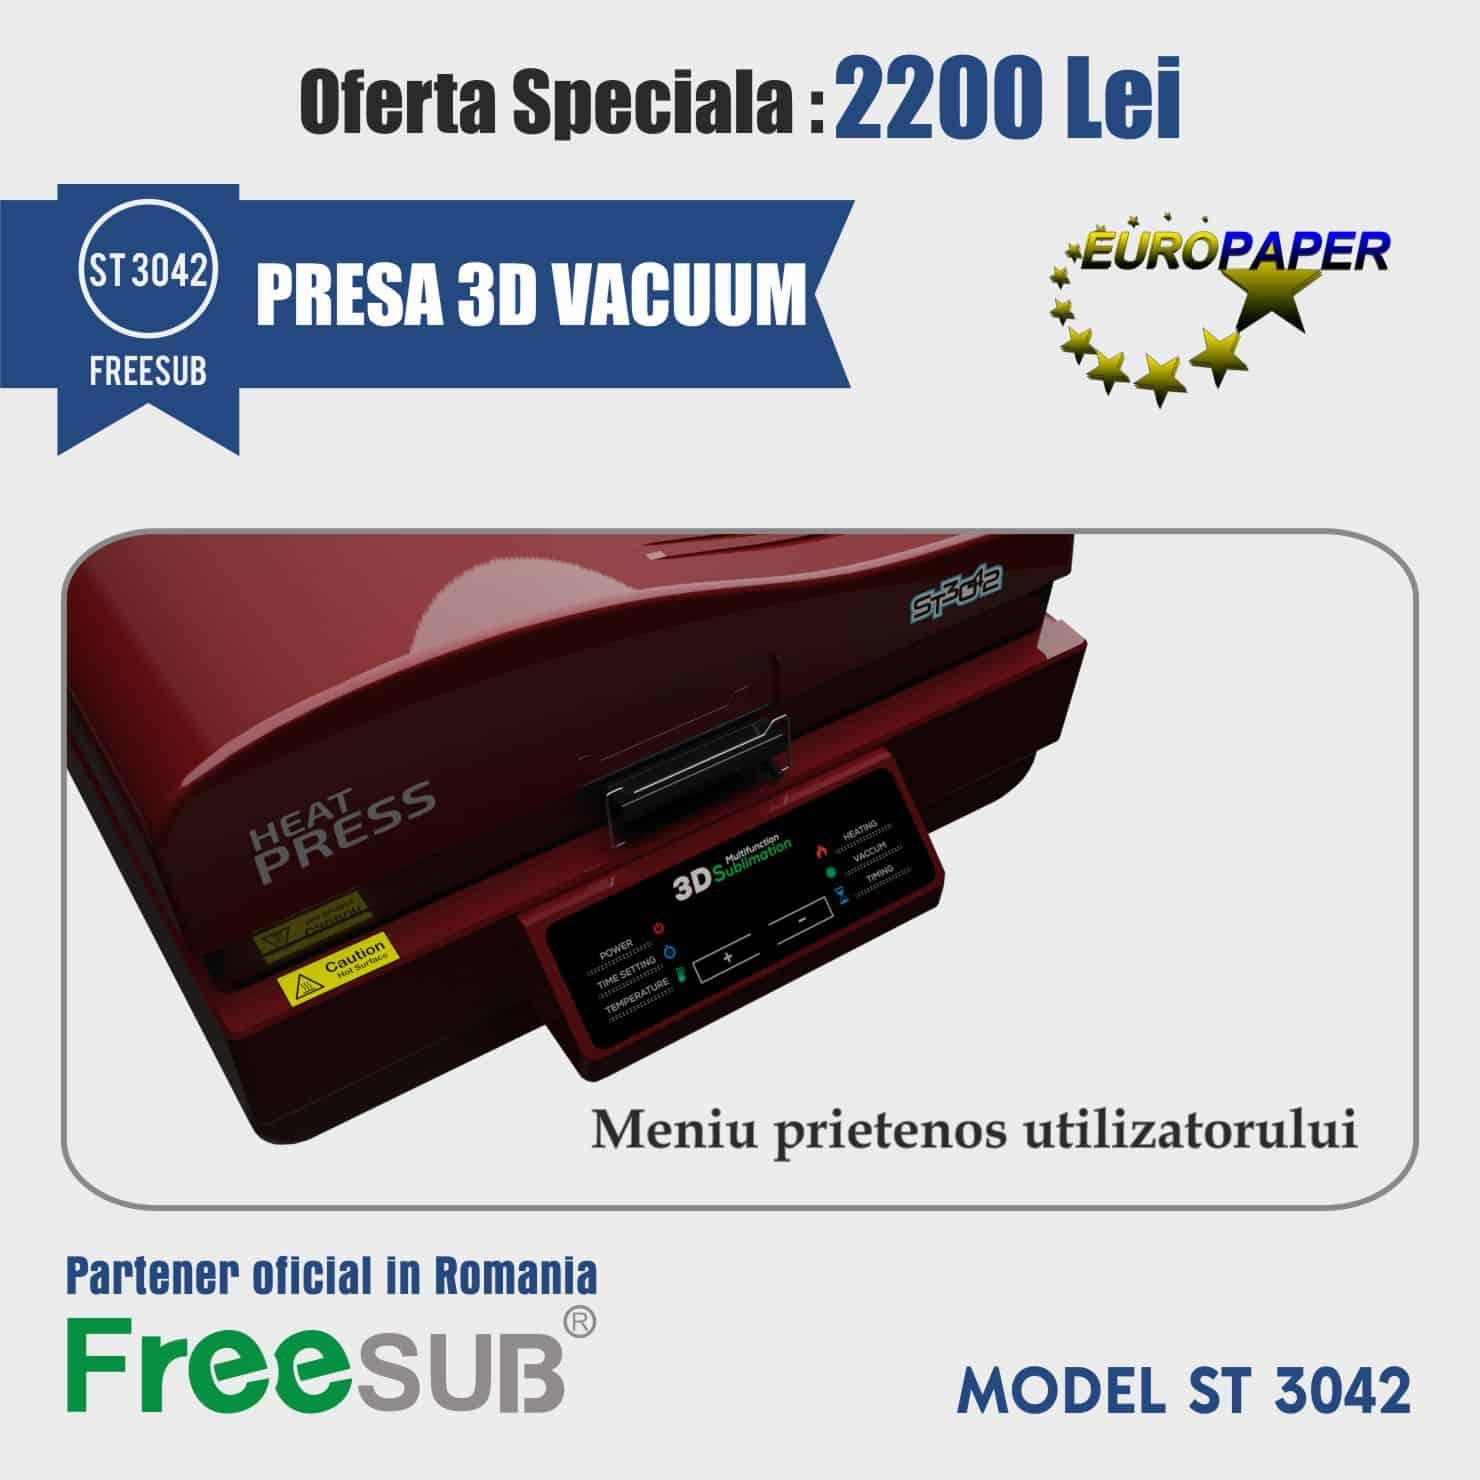 PRESA 3D